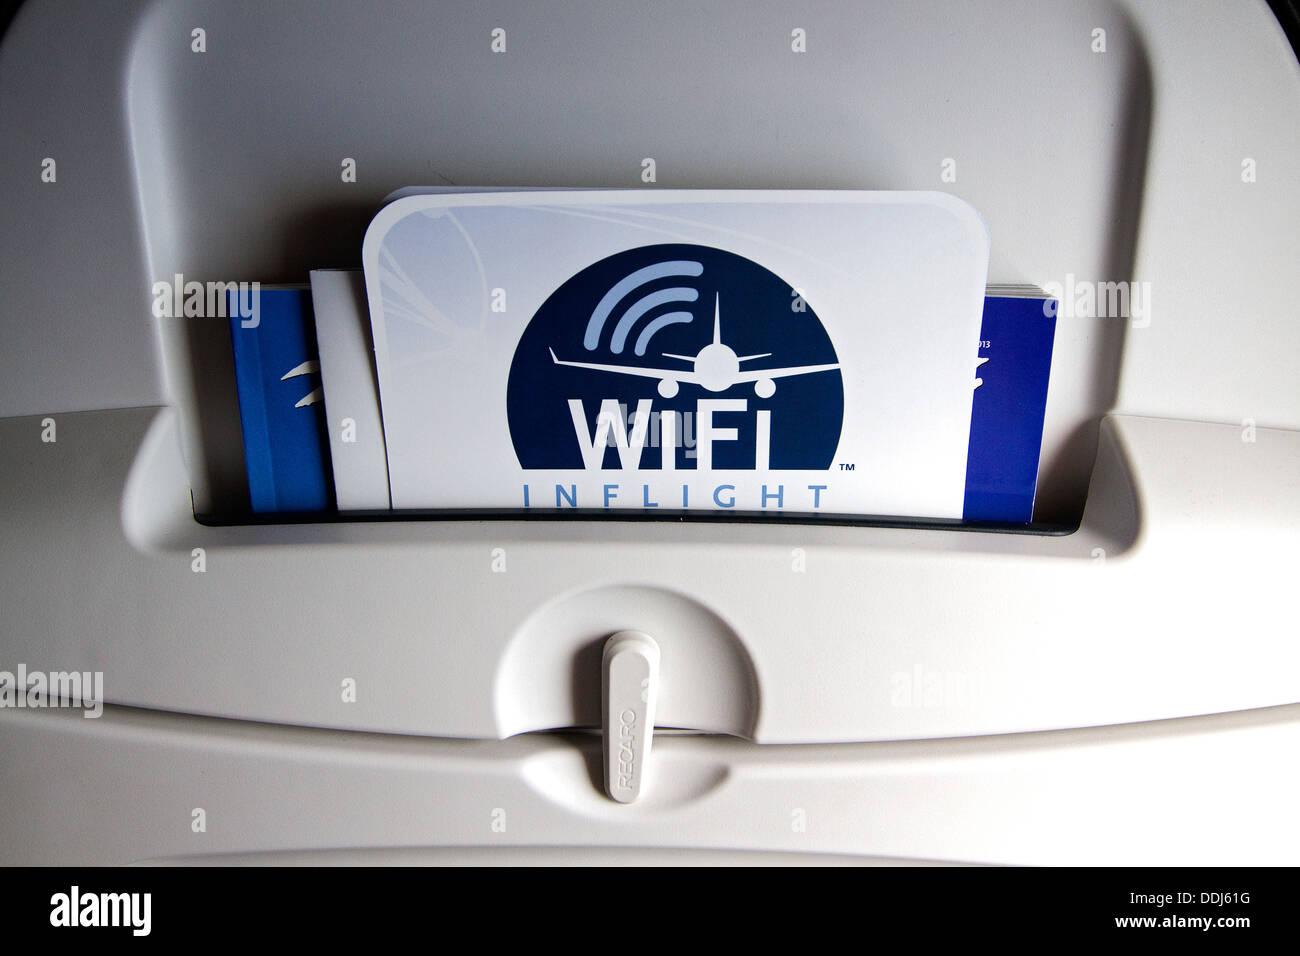 WiFi a bordo anunciados en la parte posterior del asiento del avión. WiFi la próxima generación de entretenimiento a bordo. Imagen De Stock